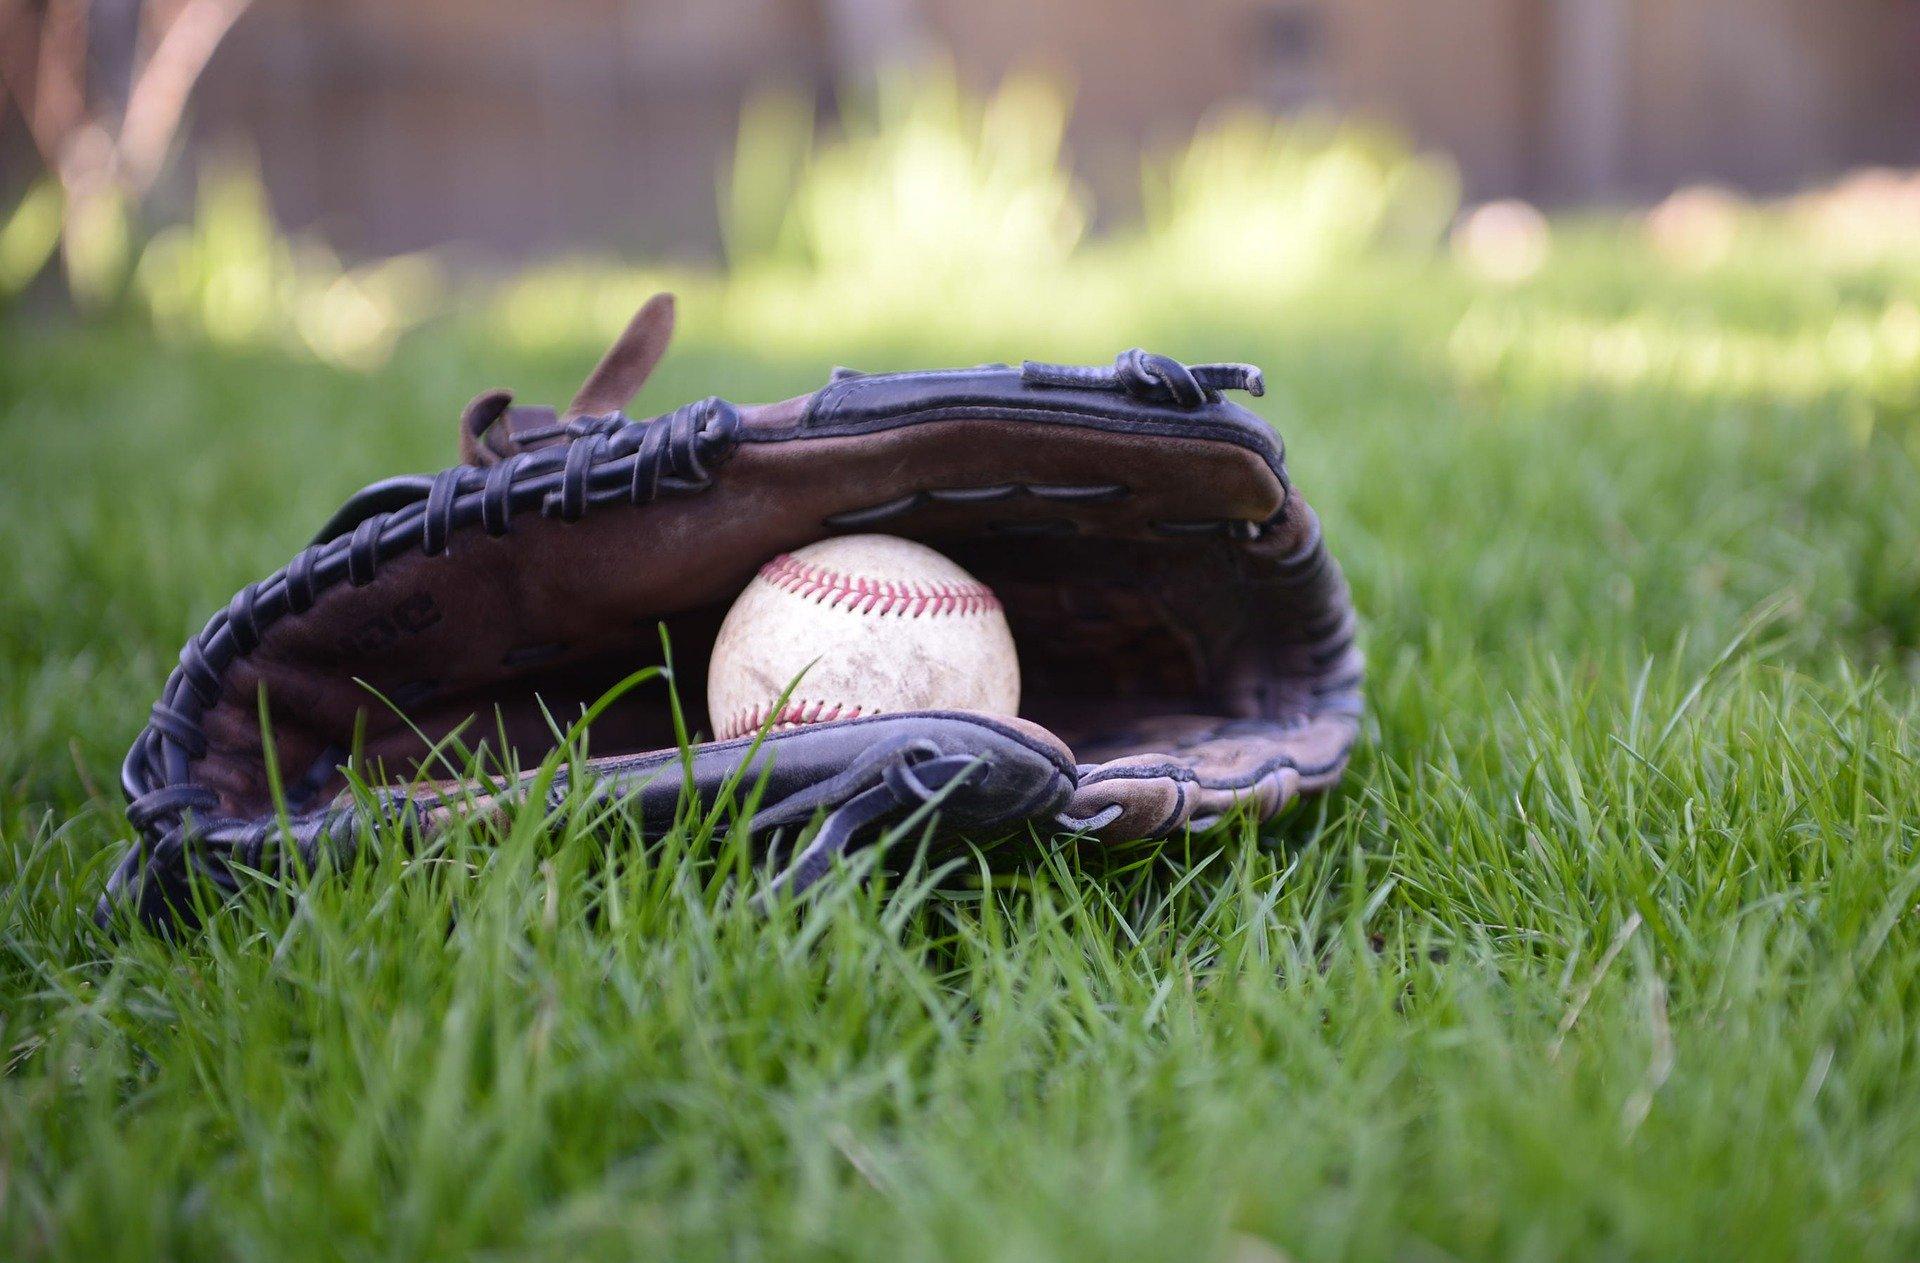 The Best Baseball Gloves of 2020